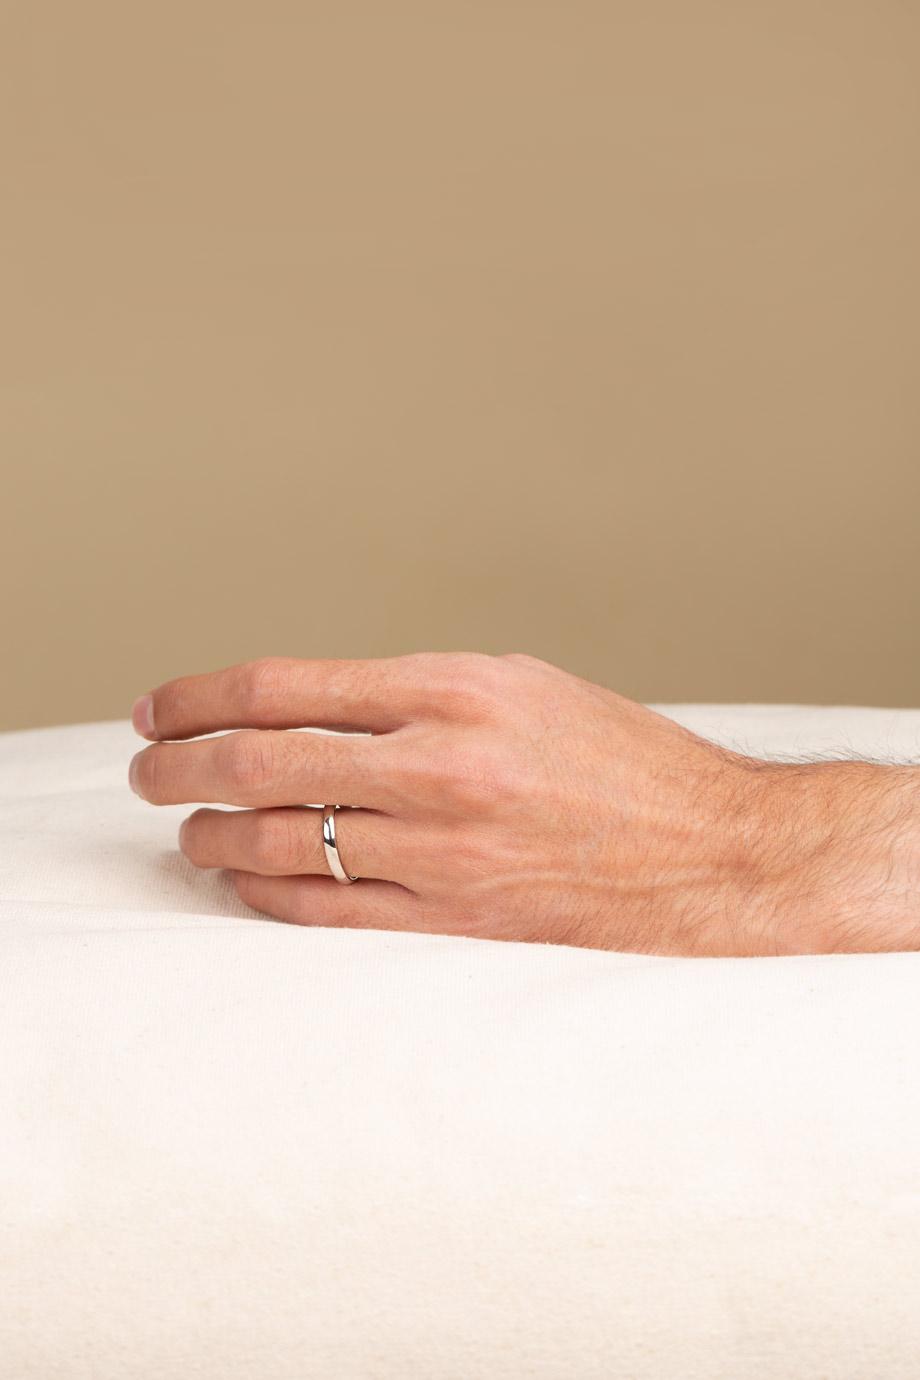 انگشتر نقره رینگ ساده